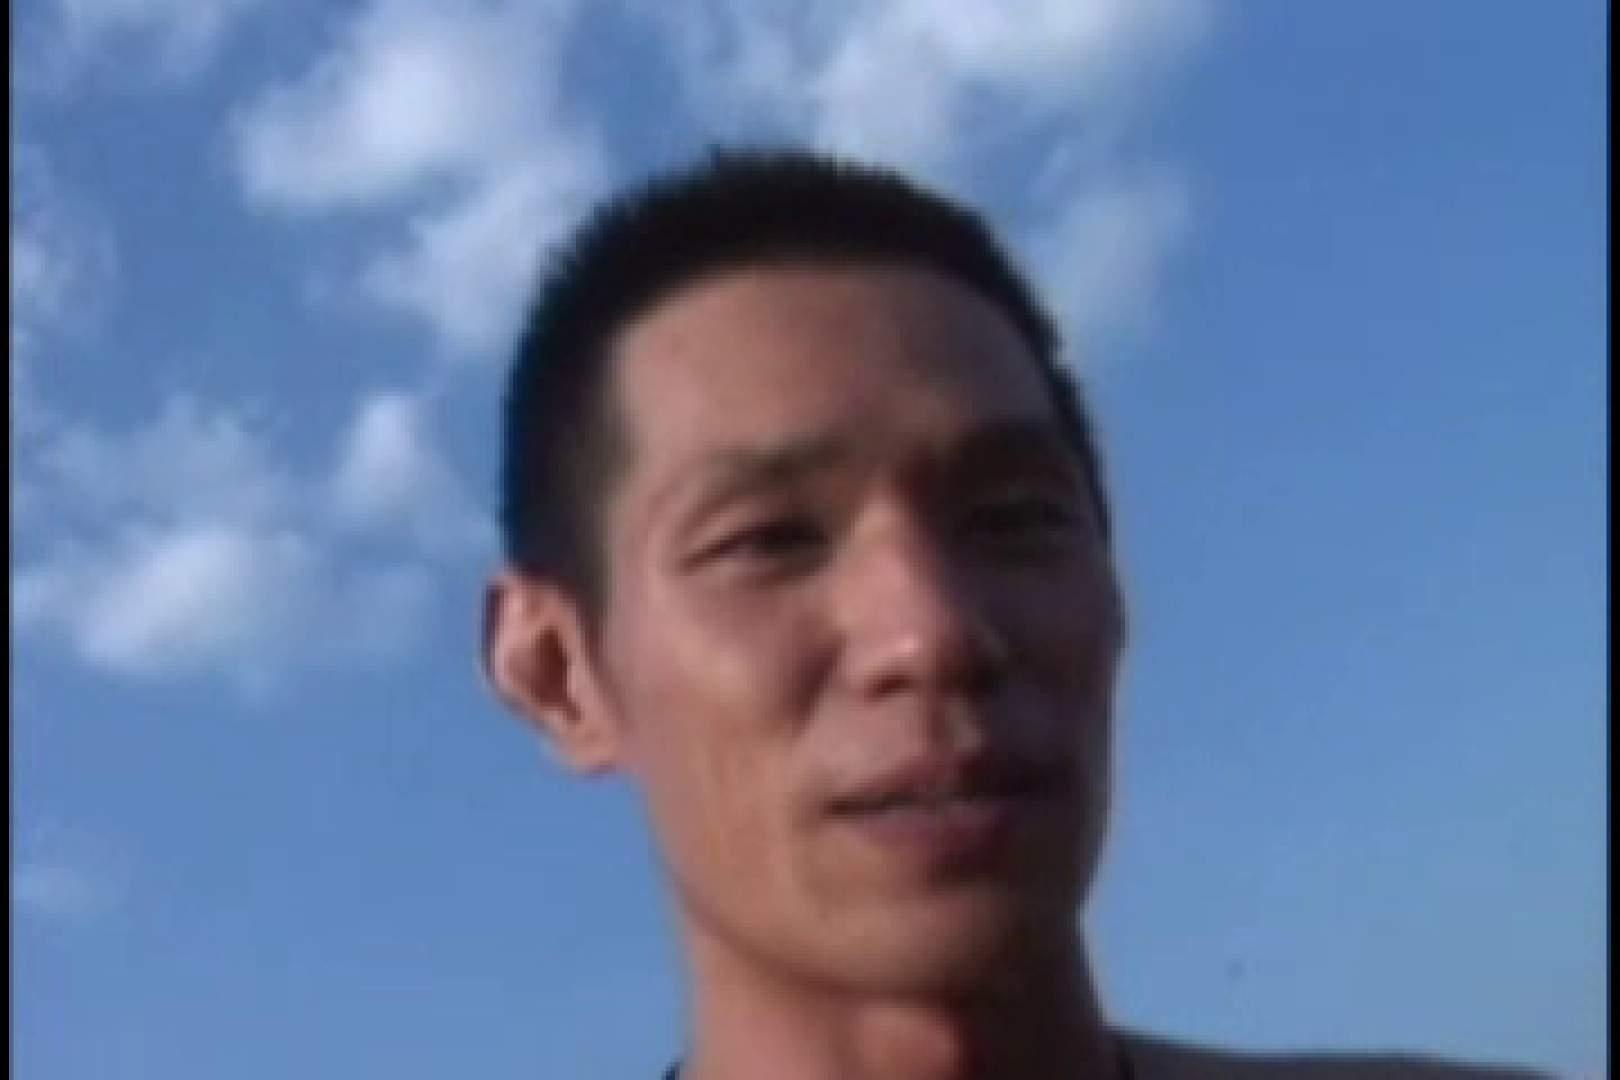 スリ筋!!スポメンのDANKON最高!!take.01 野外露出動画 ゲイAV画像 50pic 15